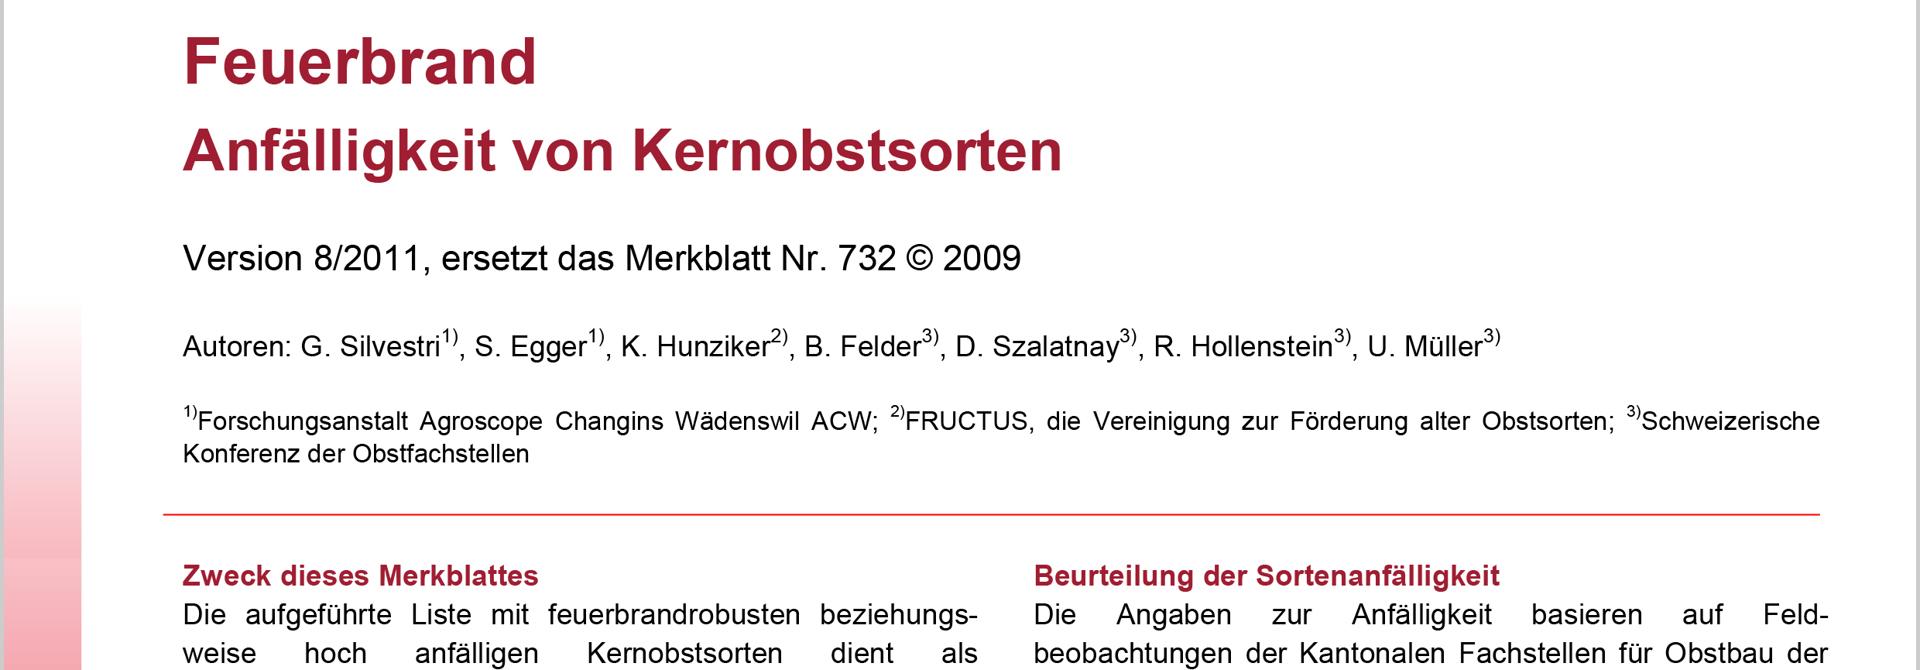 Feuerbrand-Anfu00e4lligkeit von Kernobstsorten (Agroscope, 2011)>